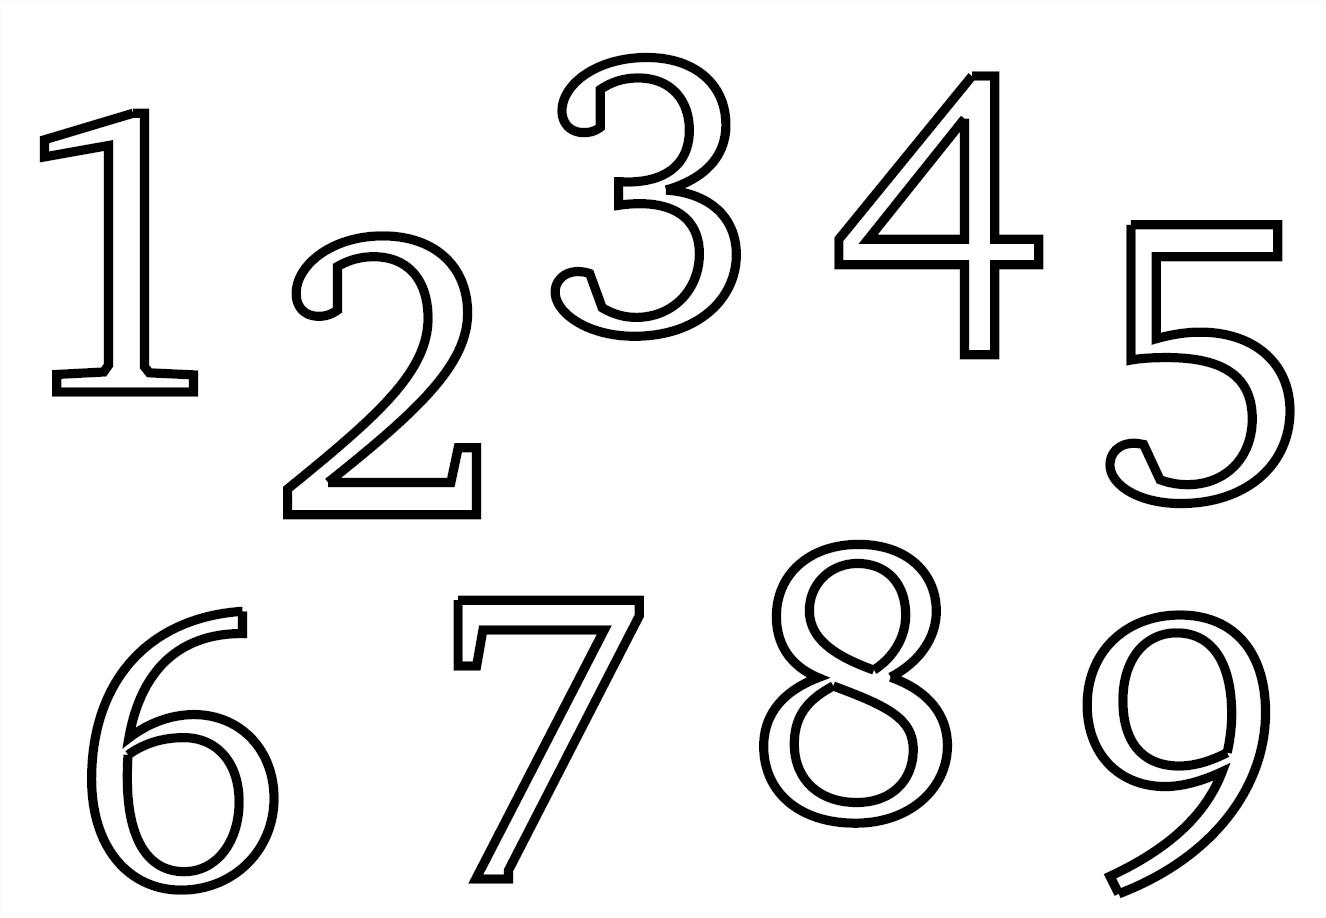 Coloriages À Imprimer : Tous Les Chiffres, Numéro : 754034 tout Coloriage Chiffres 1 À 10